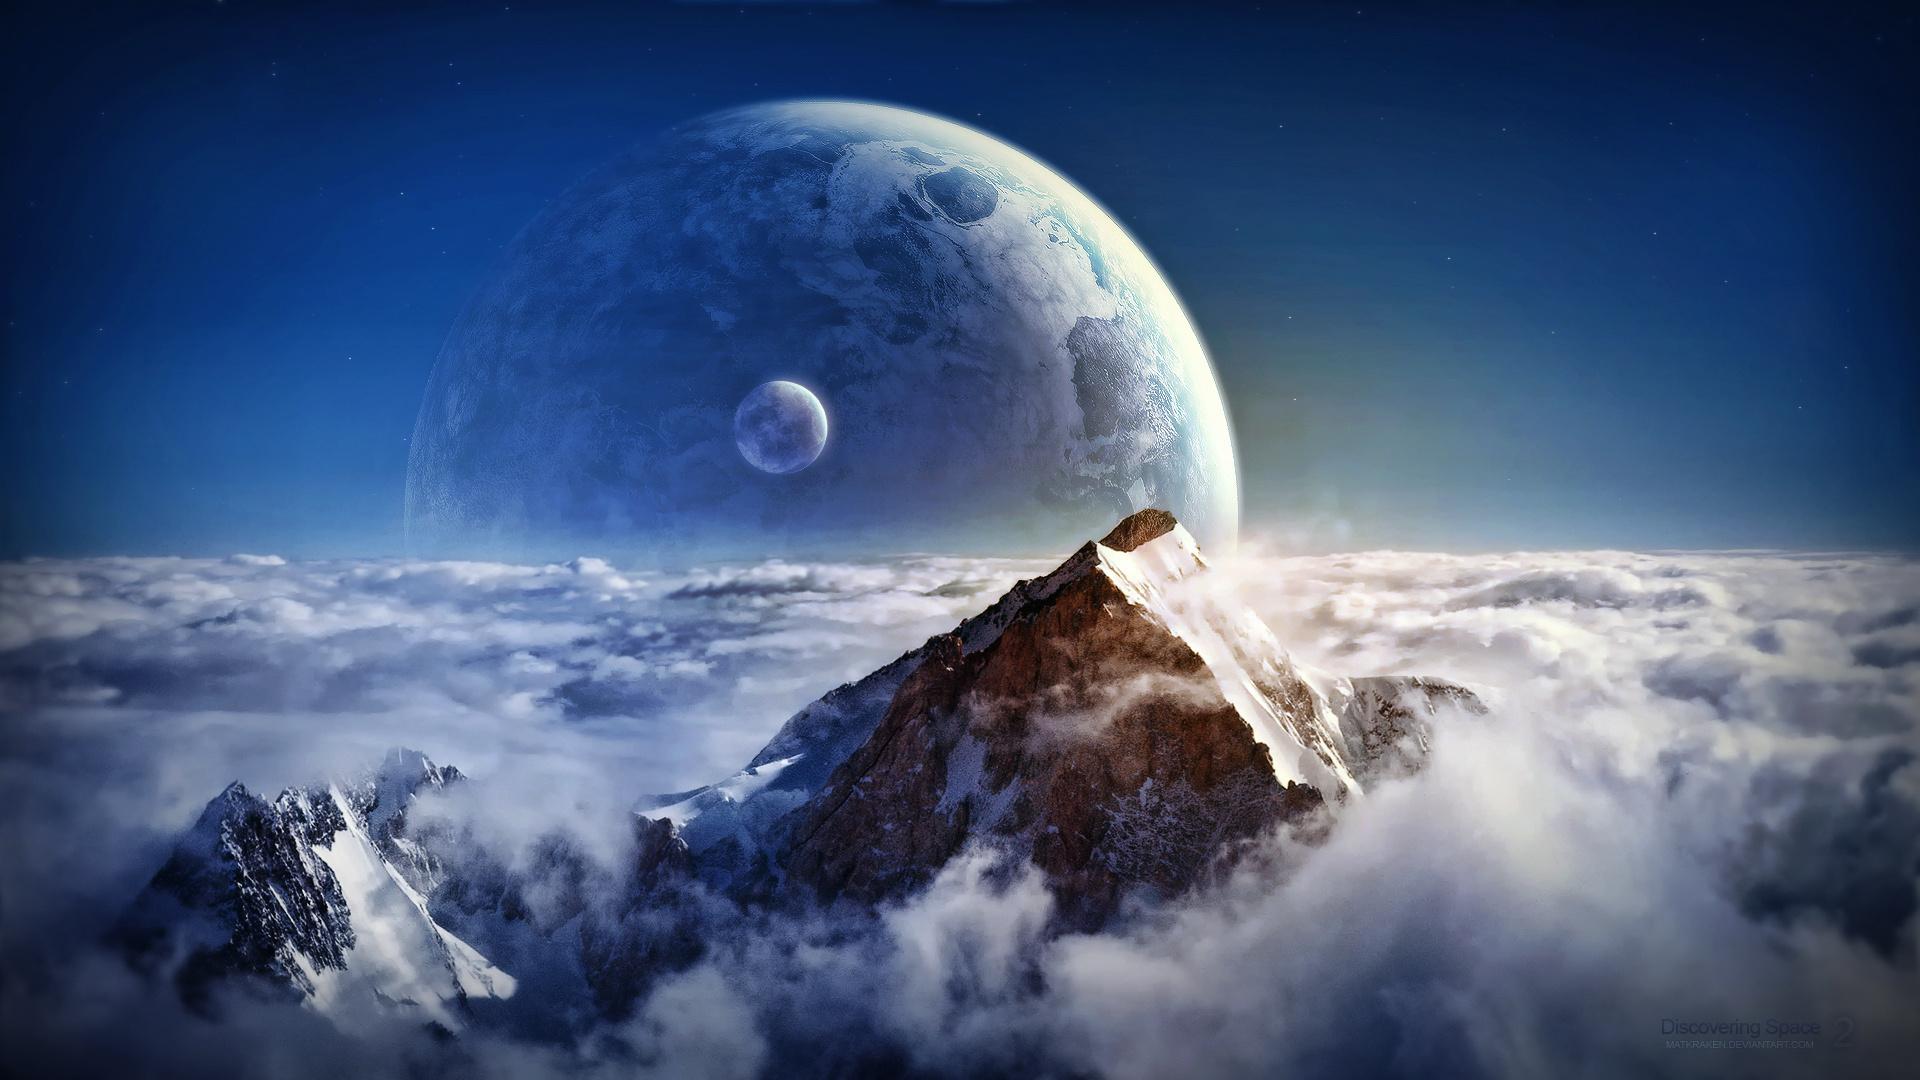 Обои планета спутник картинки на рабочий стол на тему Космос — скачать в хорошем качестве